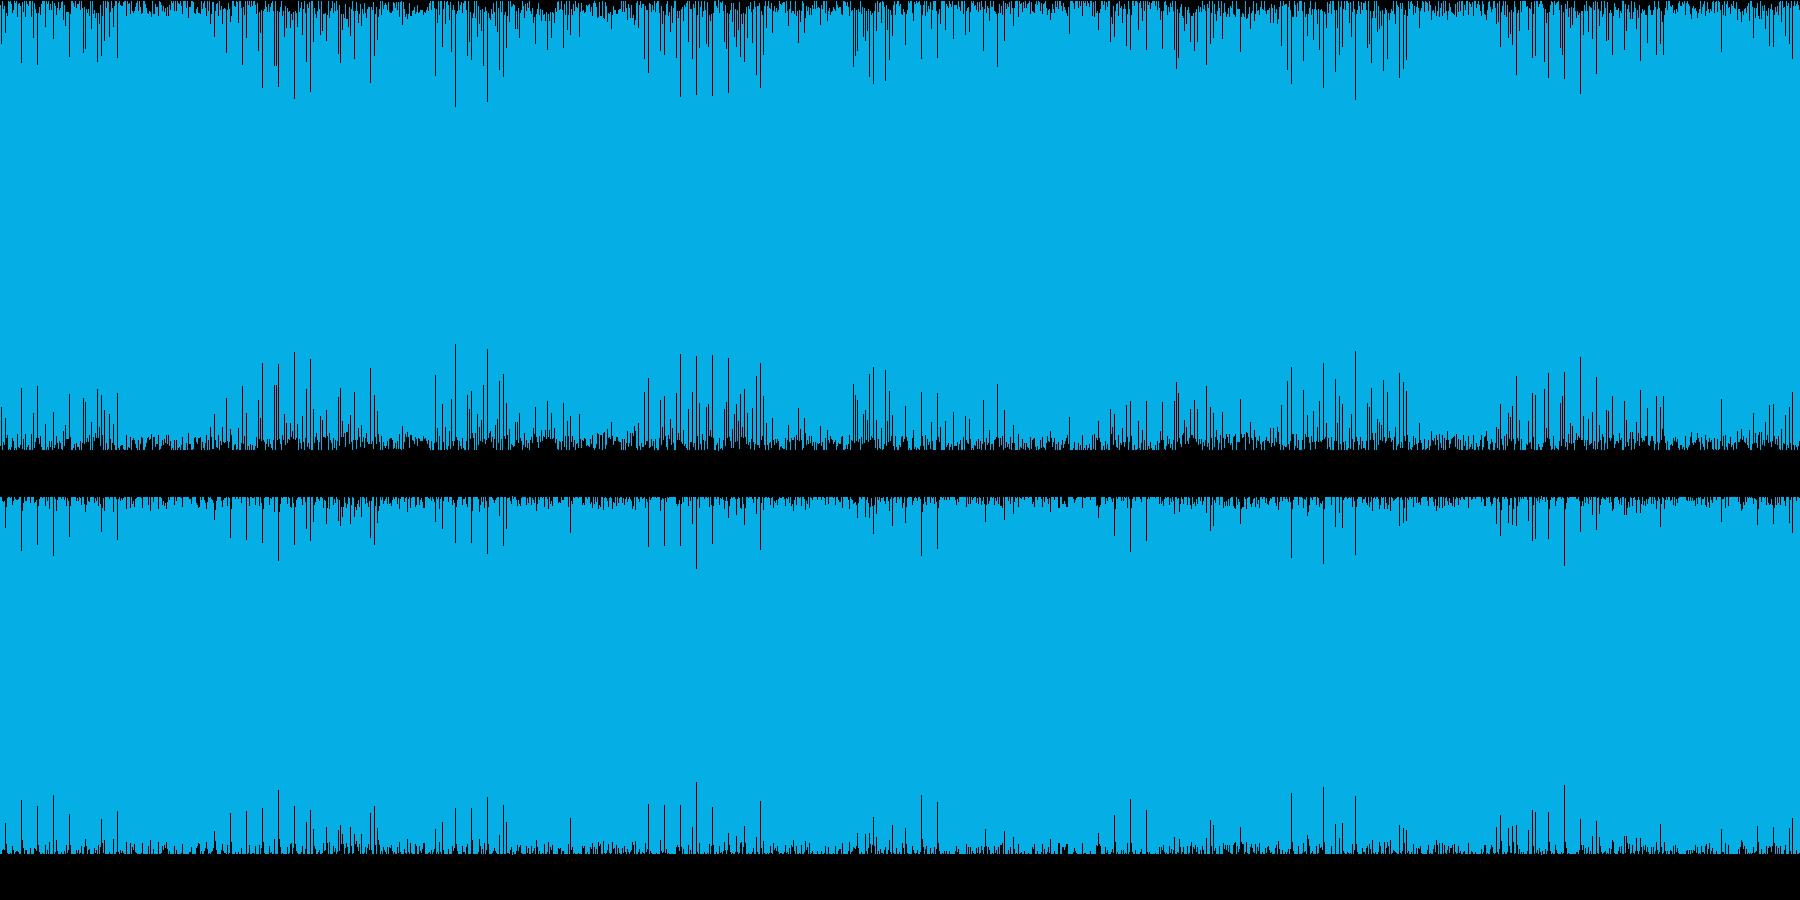 ゲーム用BGM 激しめのギターインストの再生済みの波形